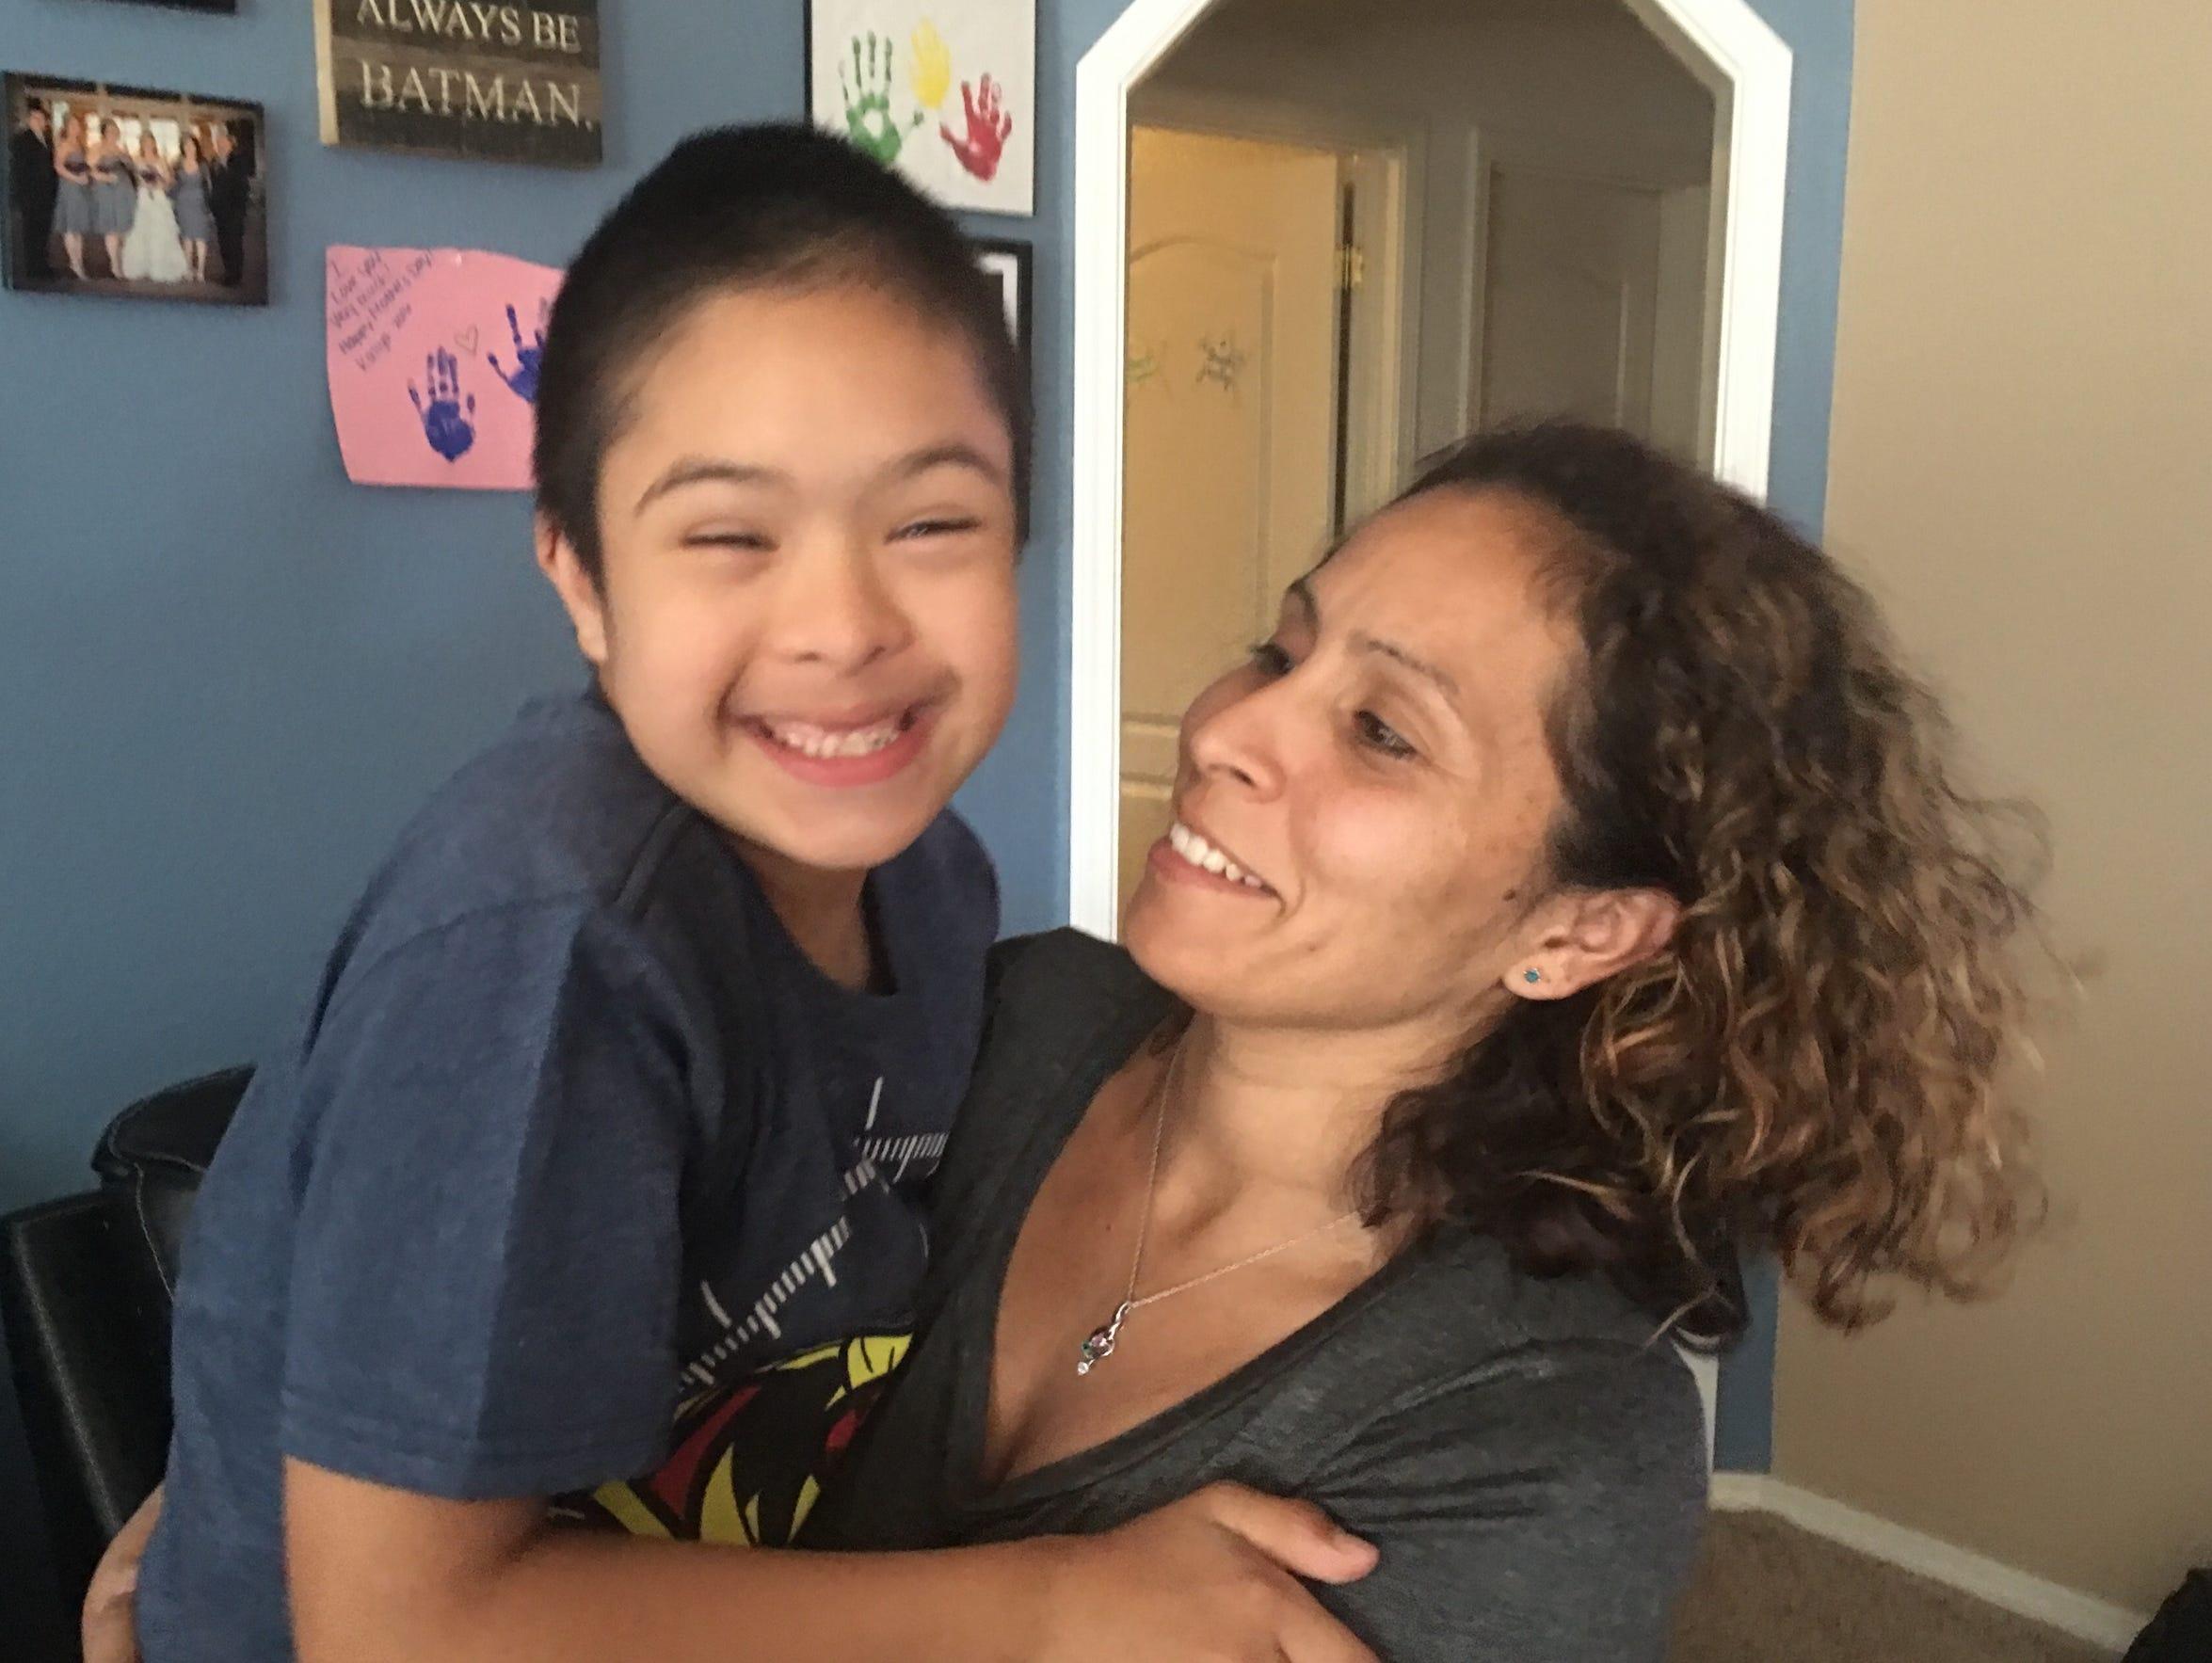 Donovan Gutierrez, 10, smiles with his mom Katherine